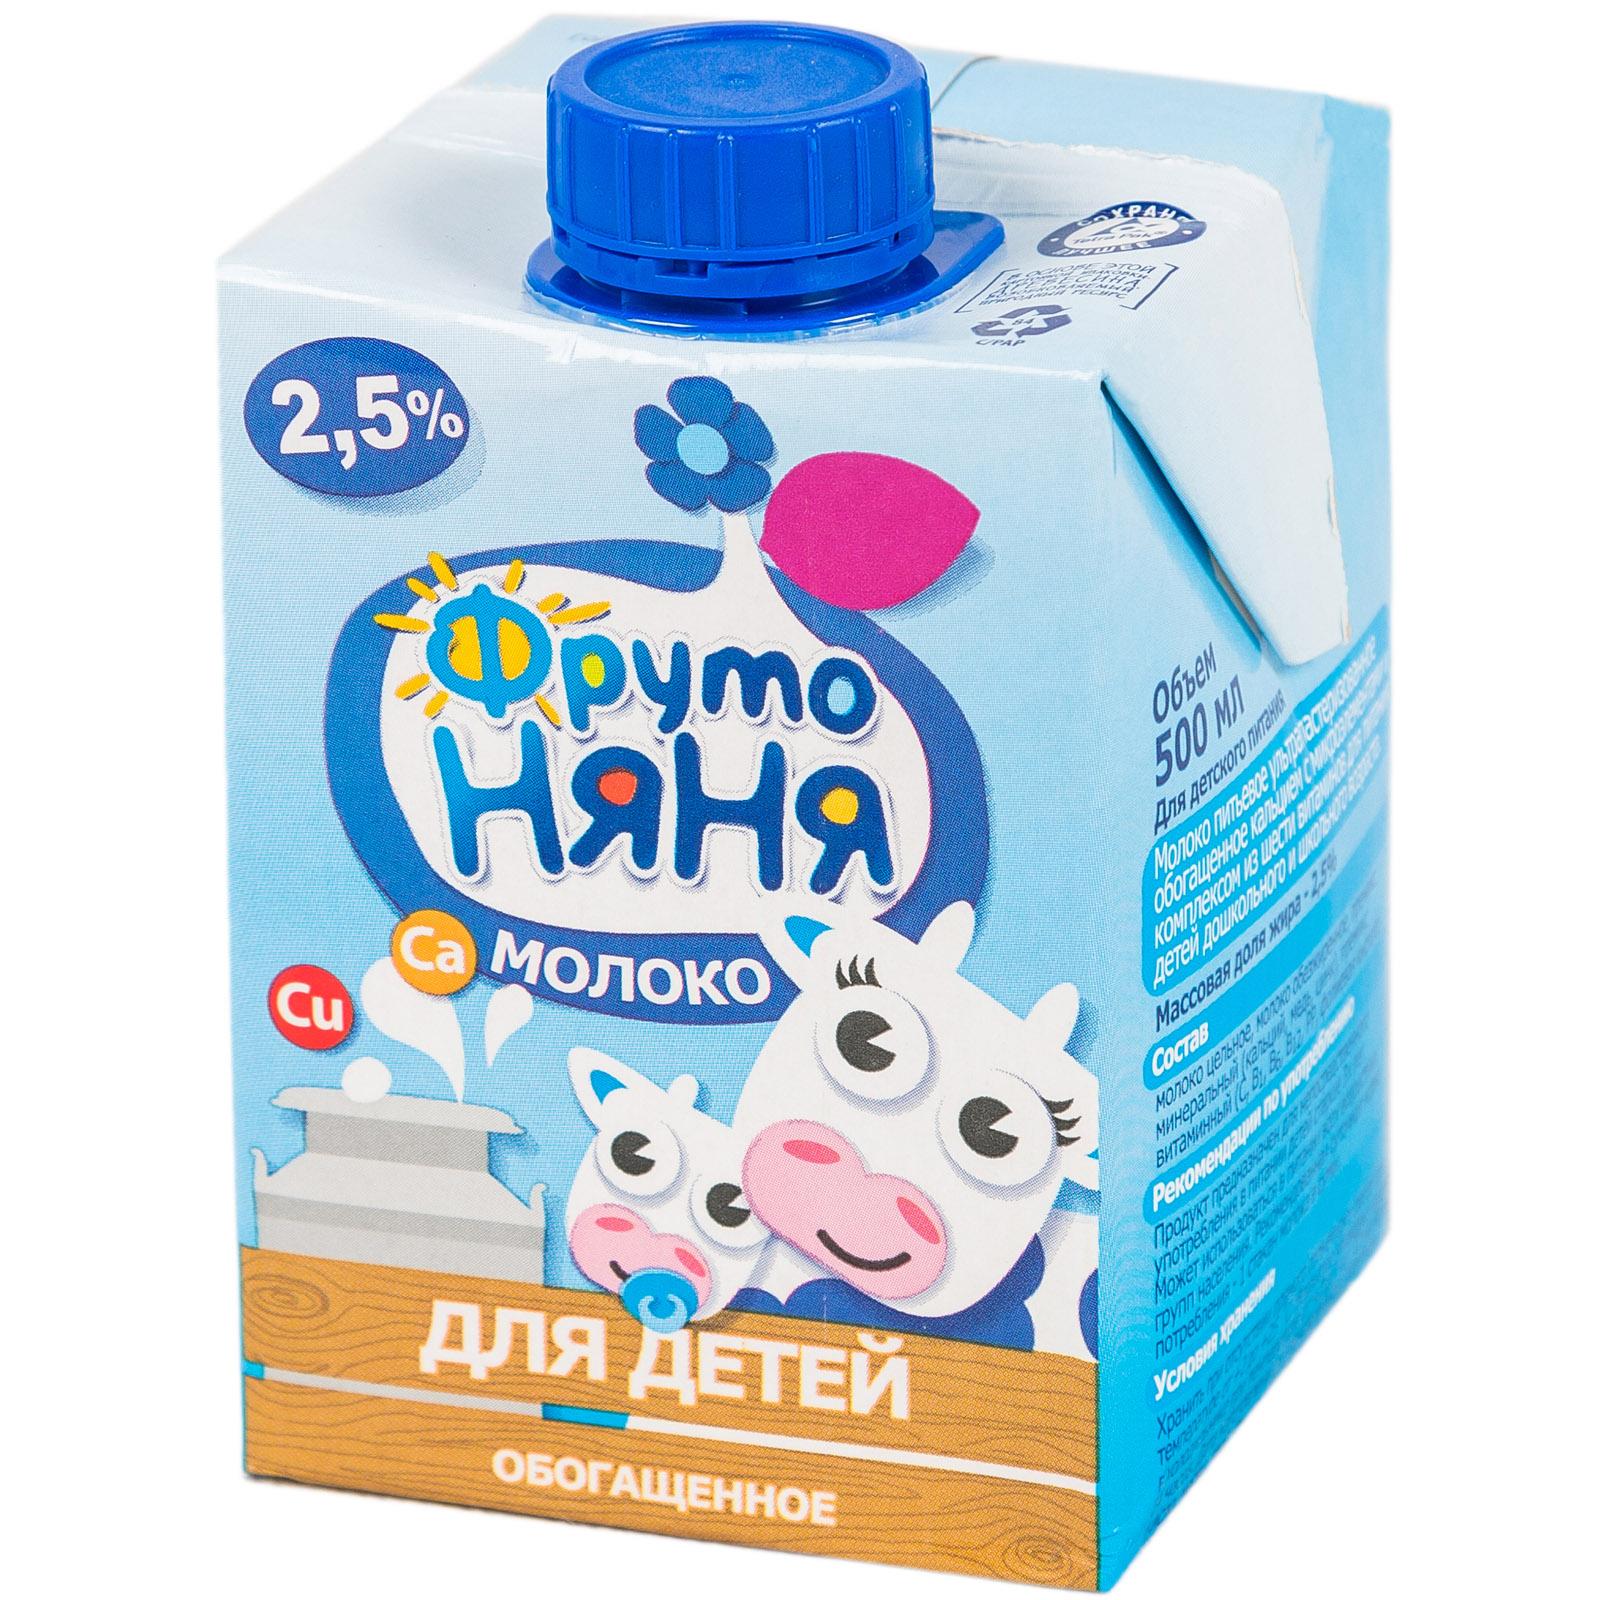 Молоко Фрутоняня 500 мл Обогащенное 2,5% (с 3 лет) 500 мл<br>